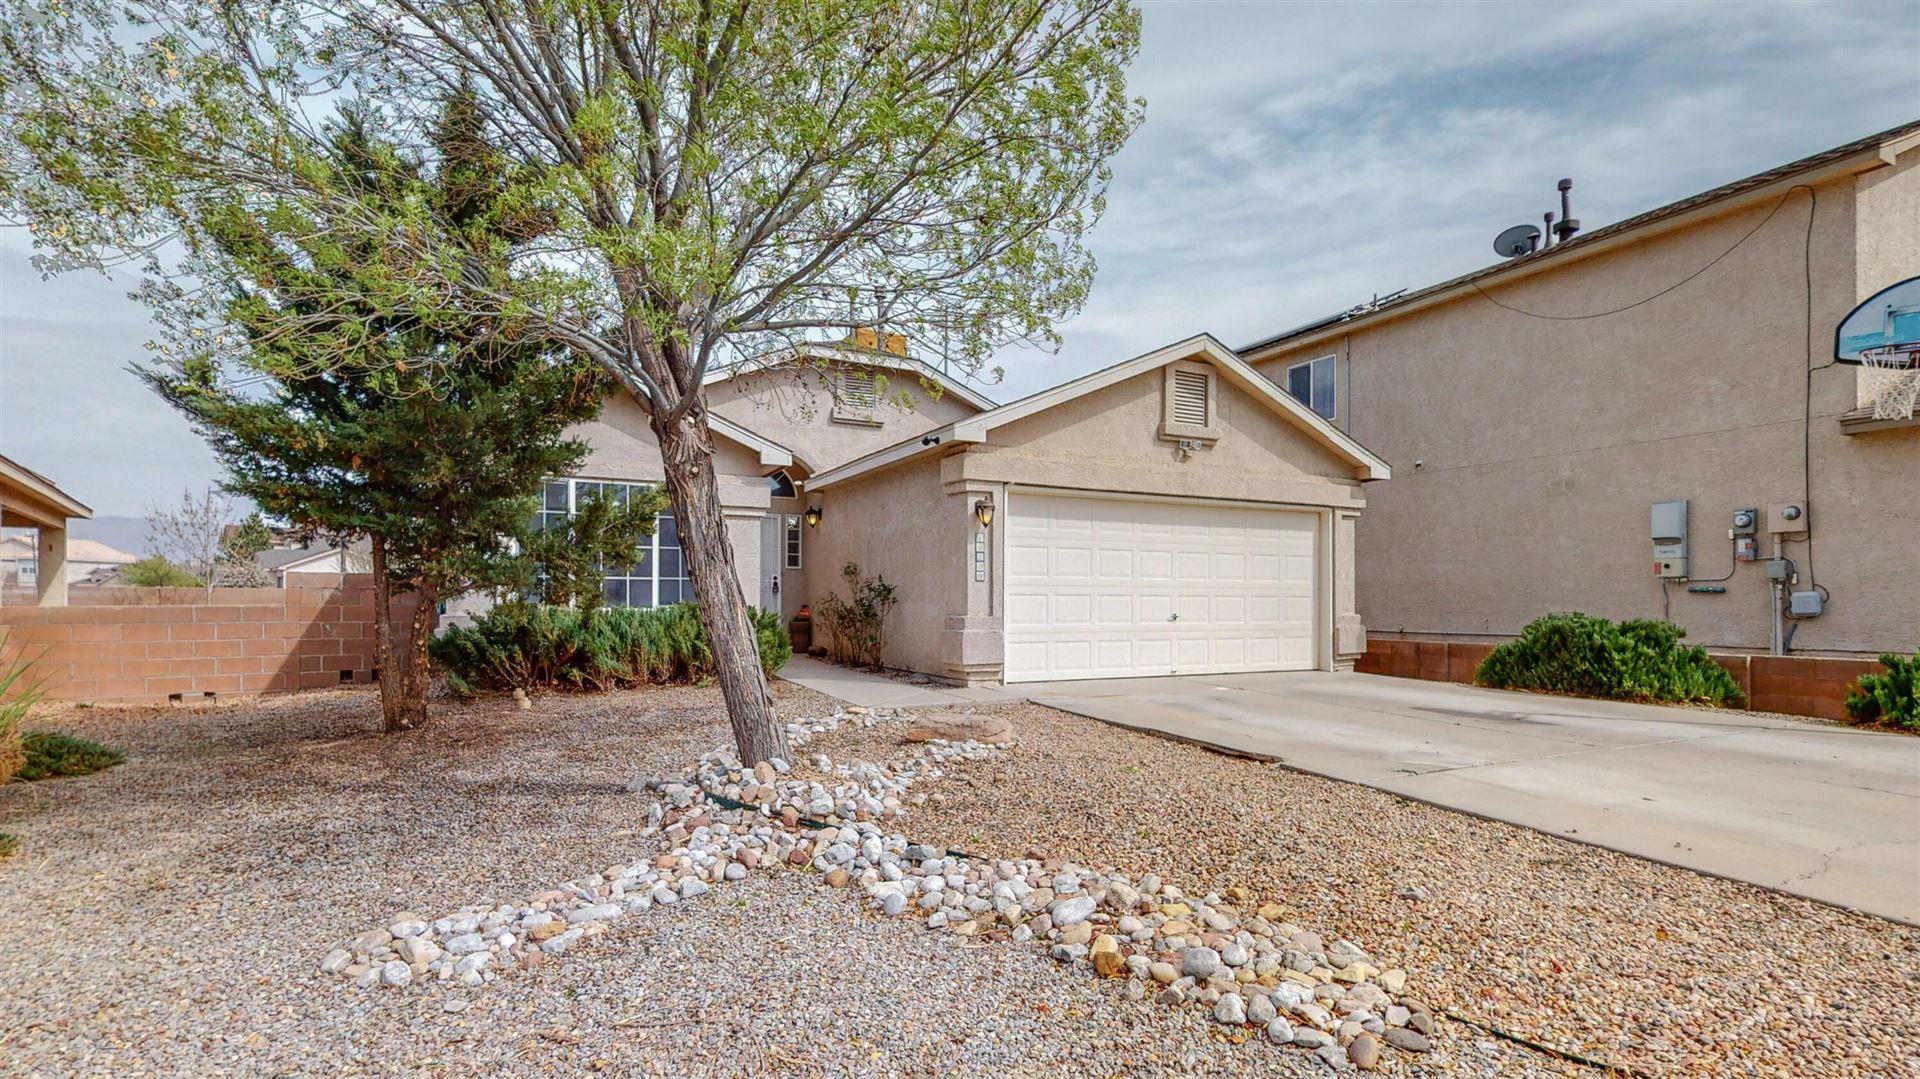 Photo of 10200 CALLE CHULITA NW, Albuquerque, NM 87114 (MLS # 989952)